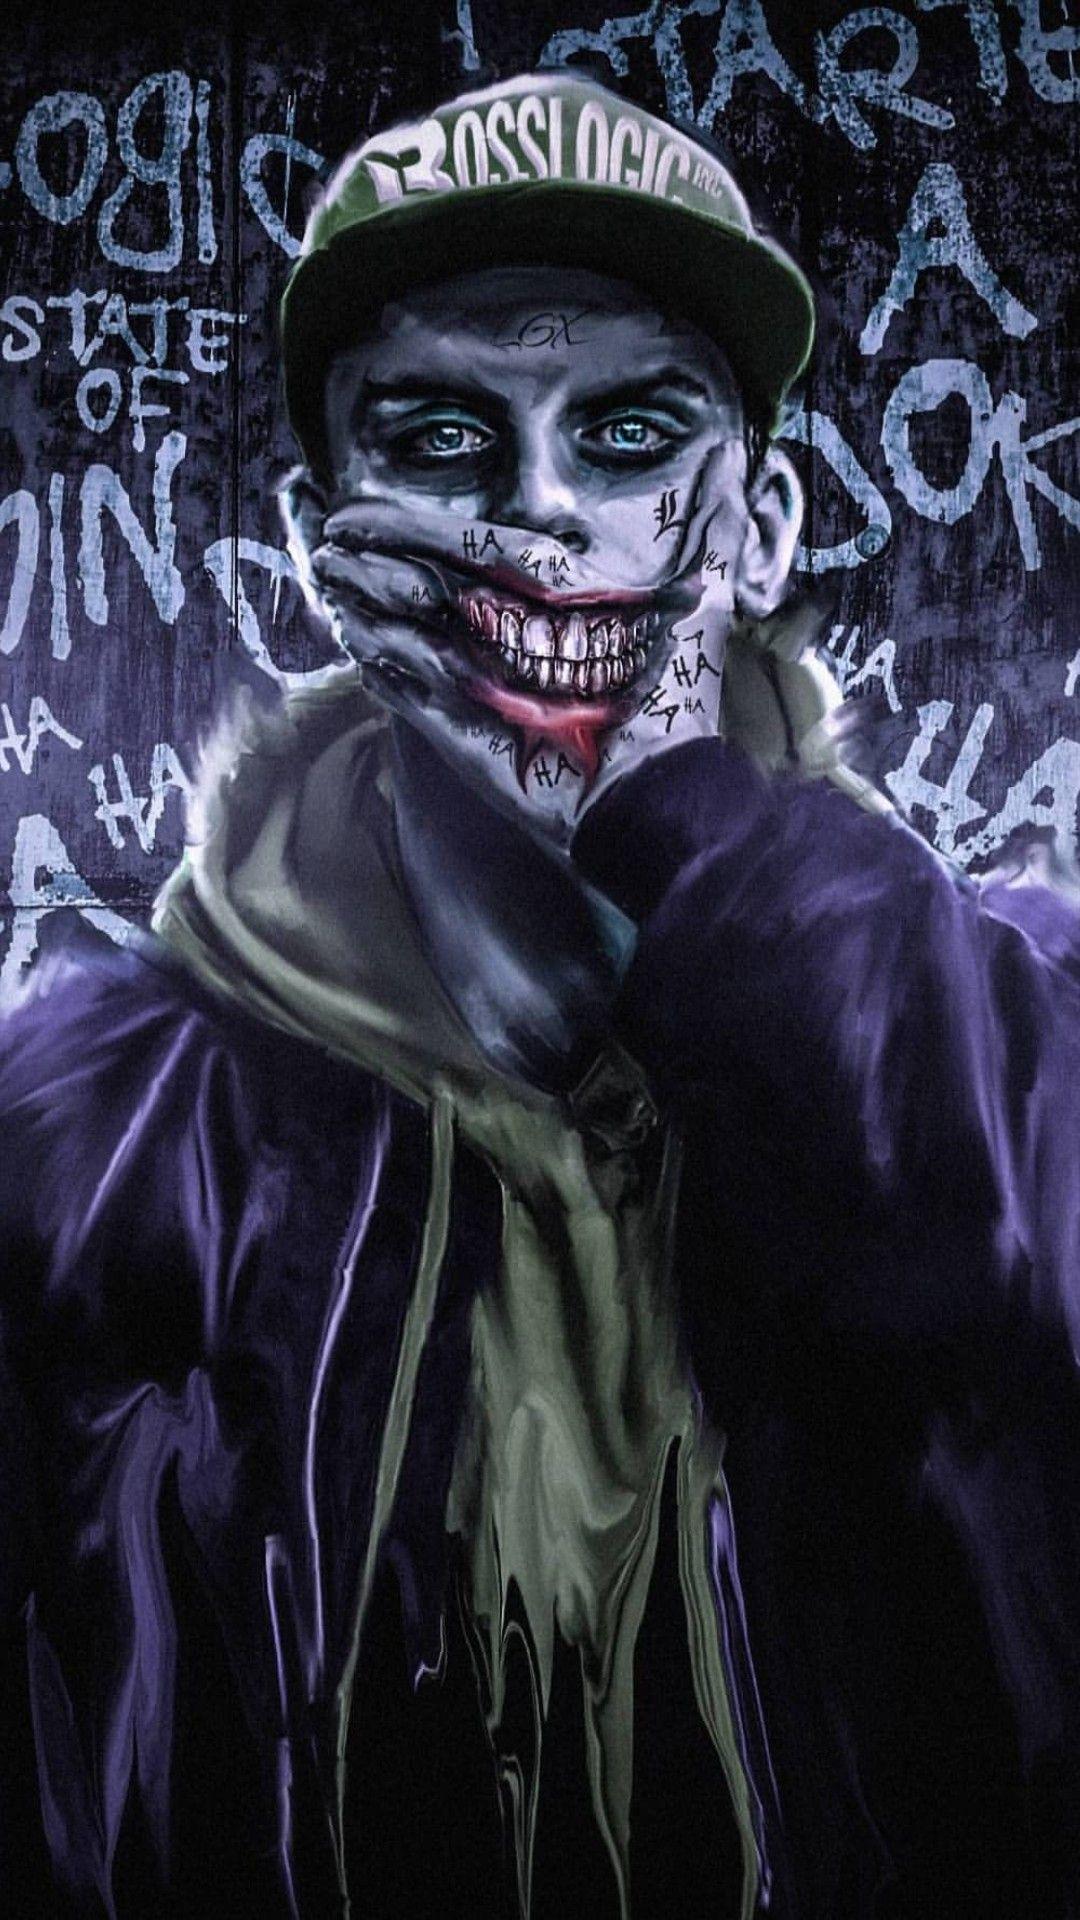 Joker iphone wallpaper image by sam sam on ch ng Joker